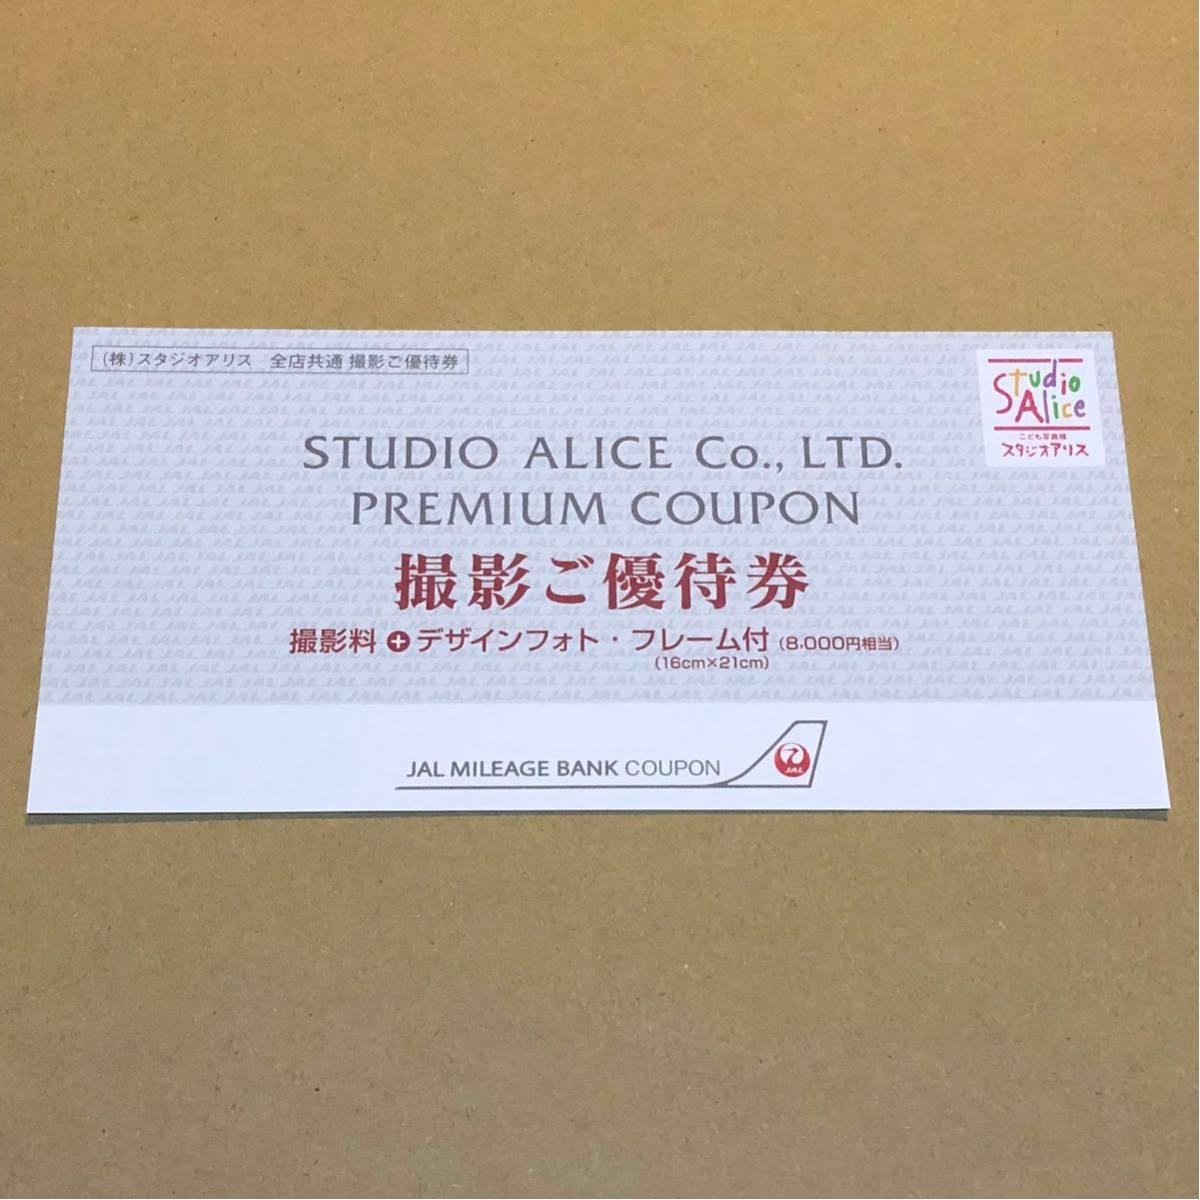 スタジオアリス/撮影ご優待券 8000円相当 JAL特典 クーポン